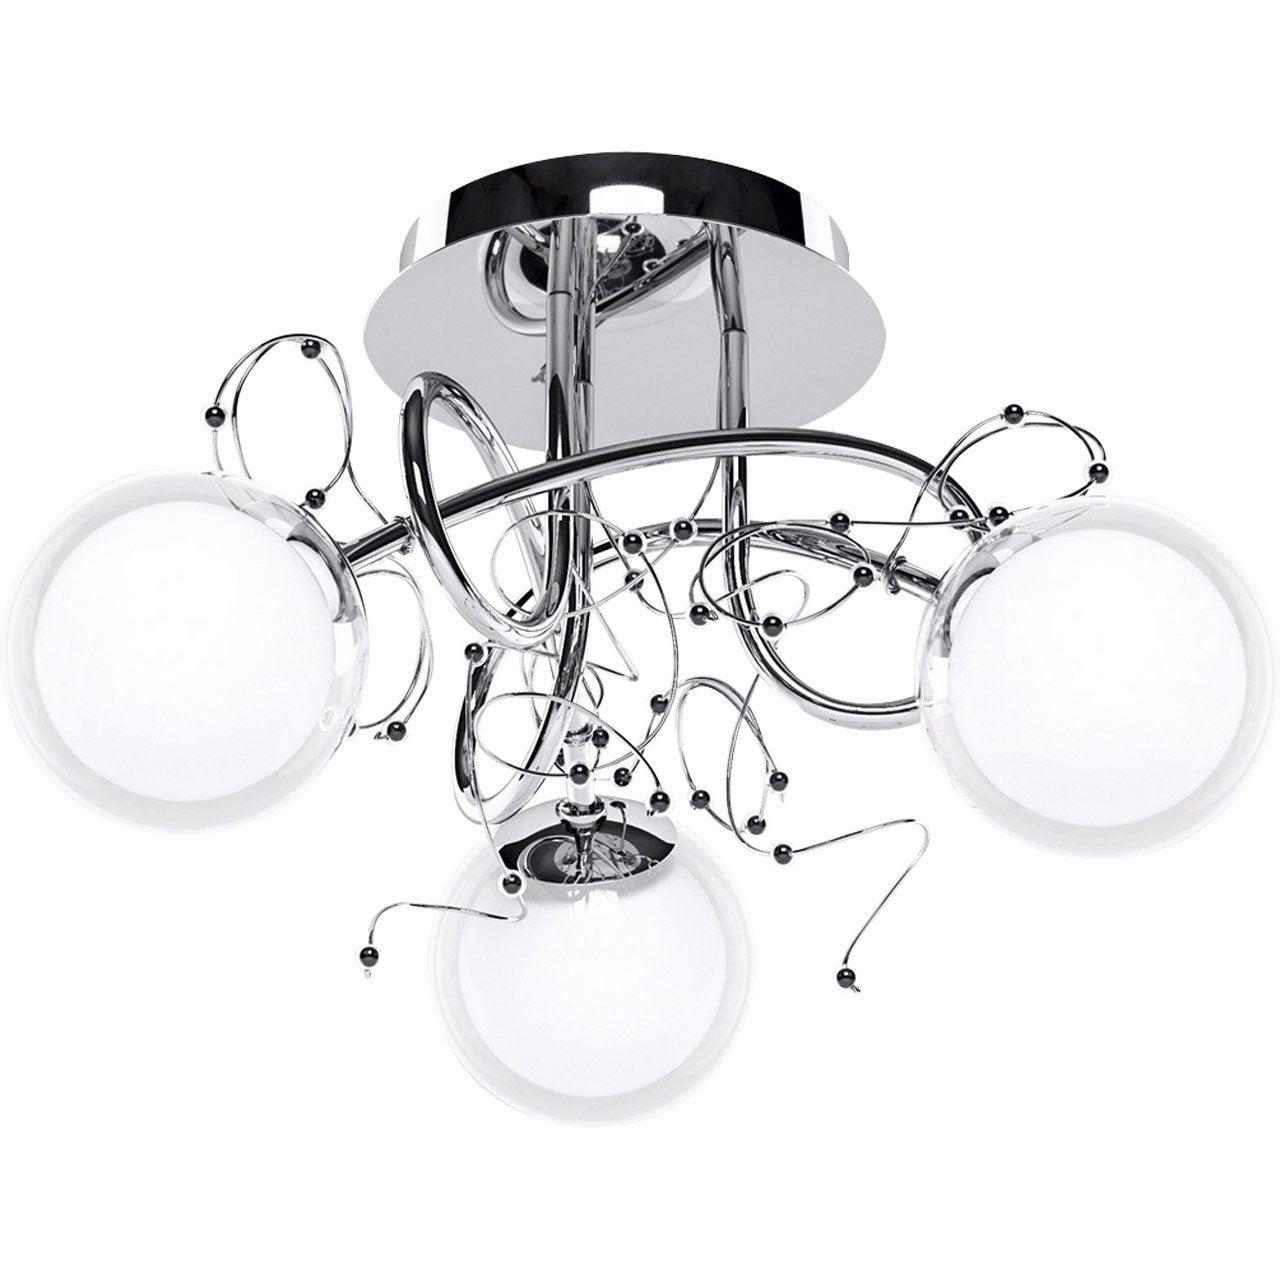 plafonnier 3 spots sans ampoule 3 x g9 chrome zylys eglo leroy merlin. Black Bedroom Furniture Sets. Home Design Ideas